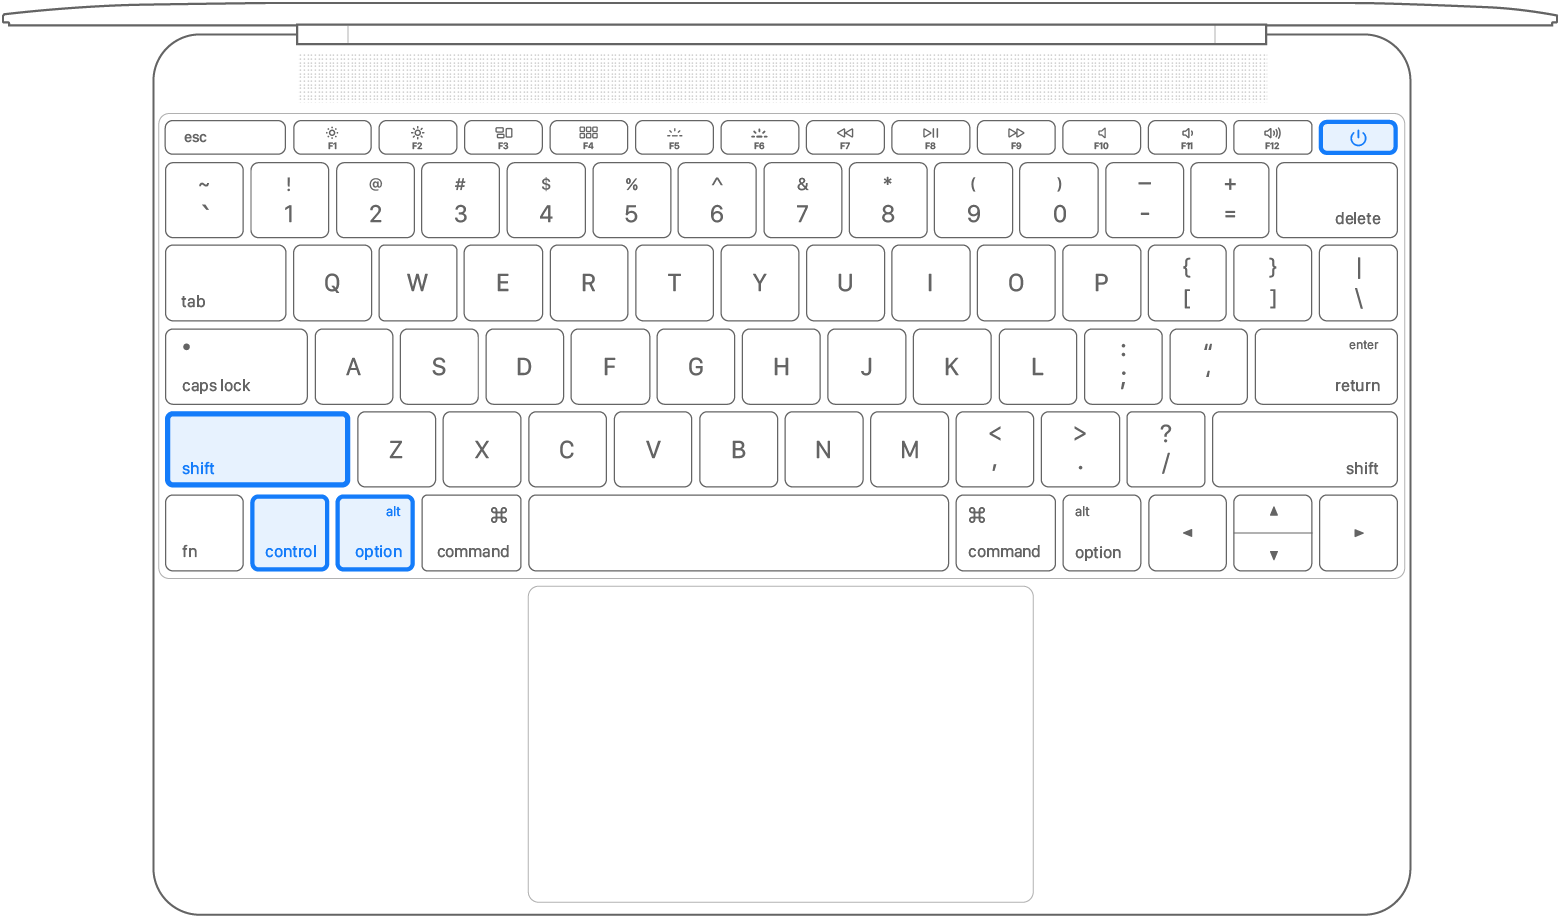 全部 4 个按键已被按下的笔记本电脑键盘